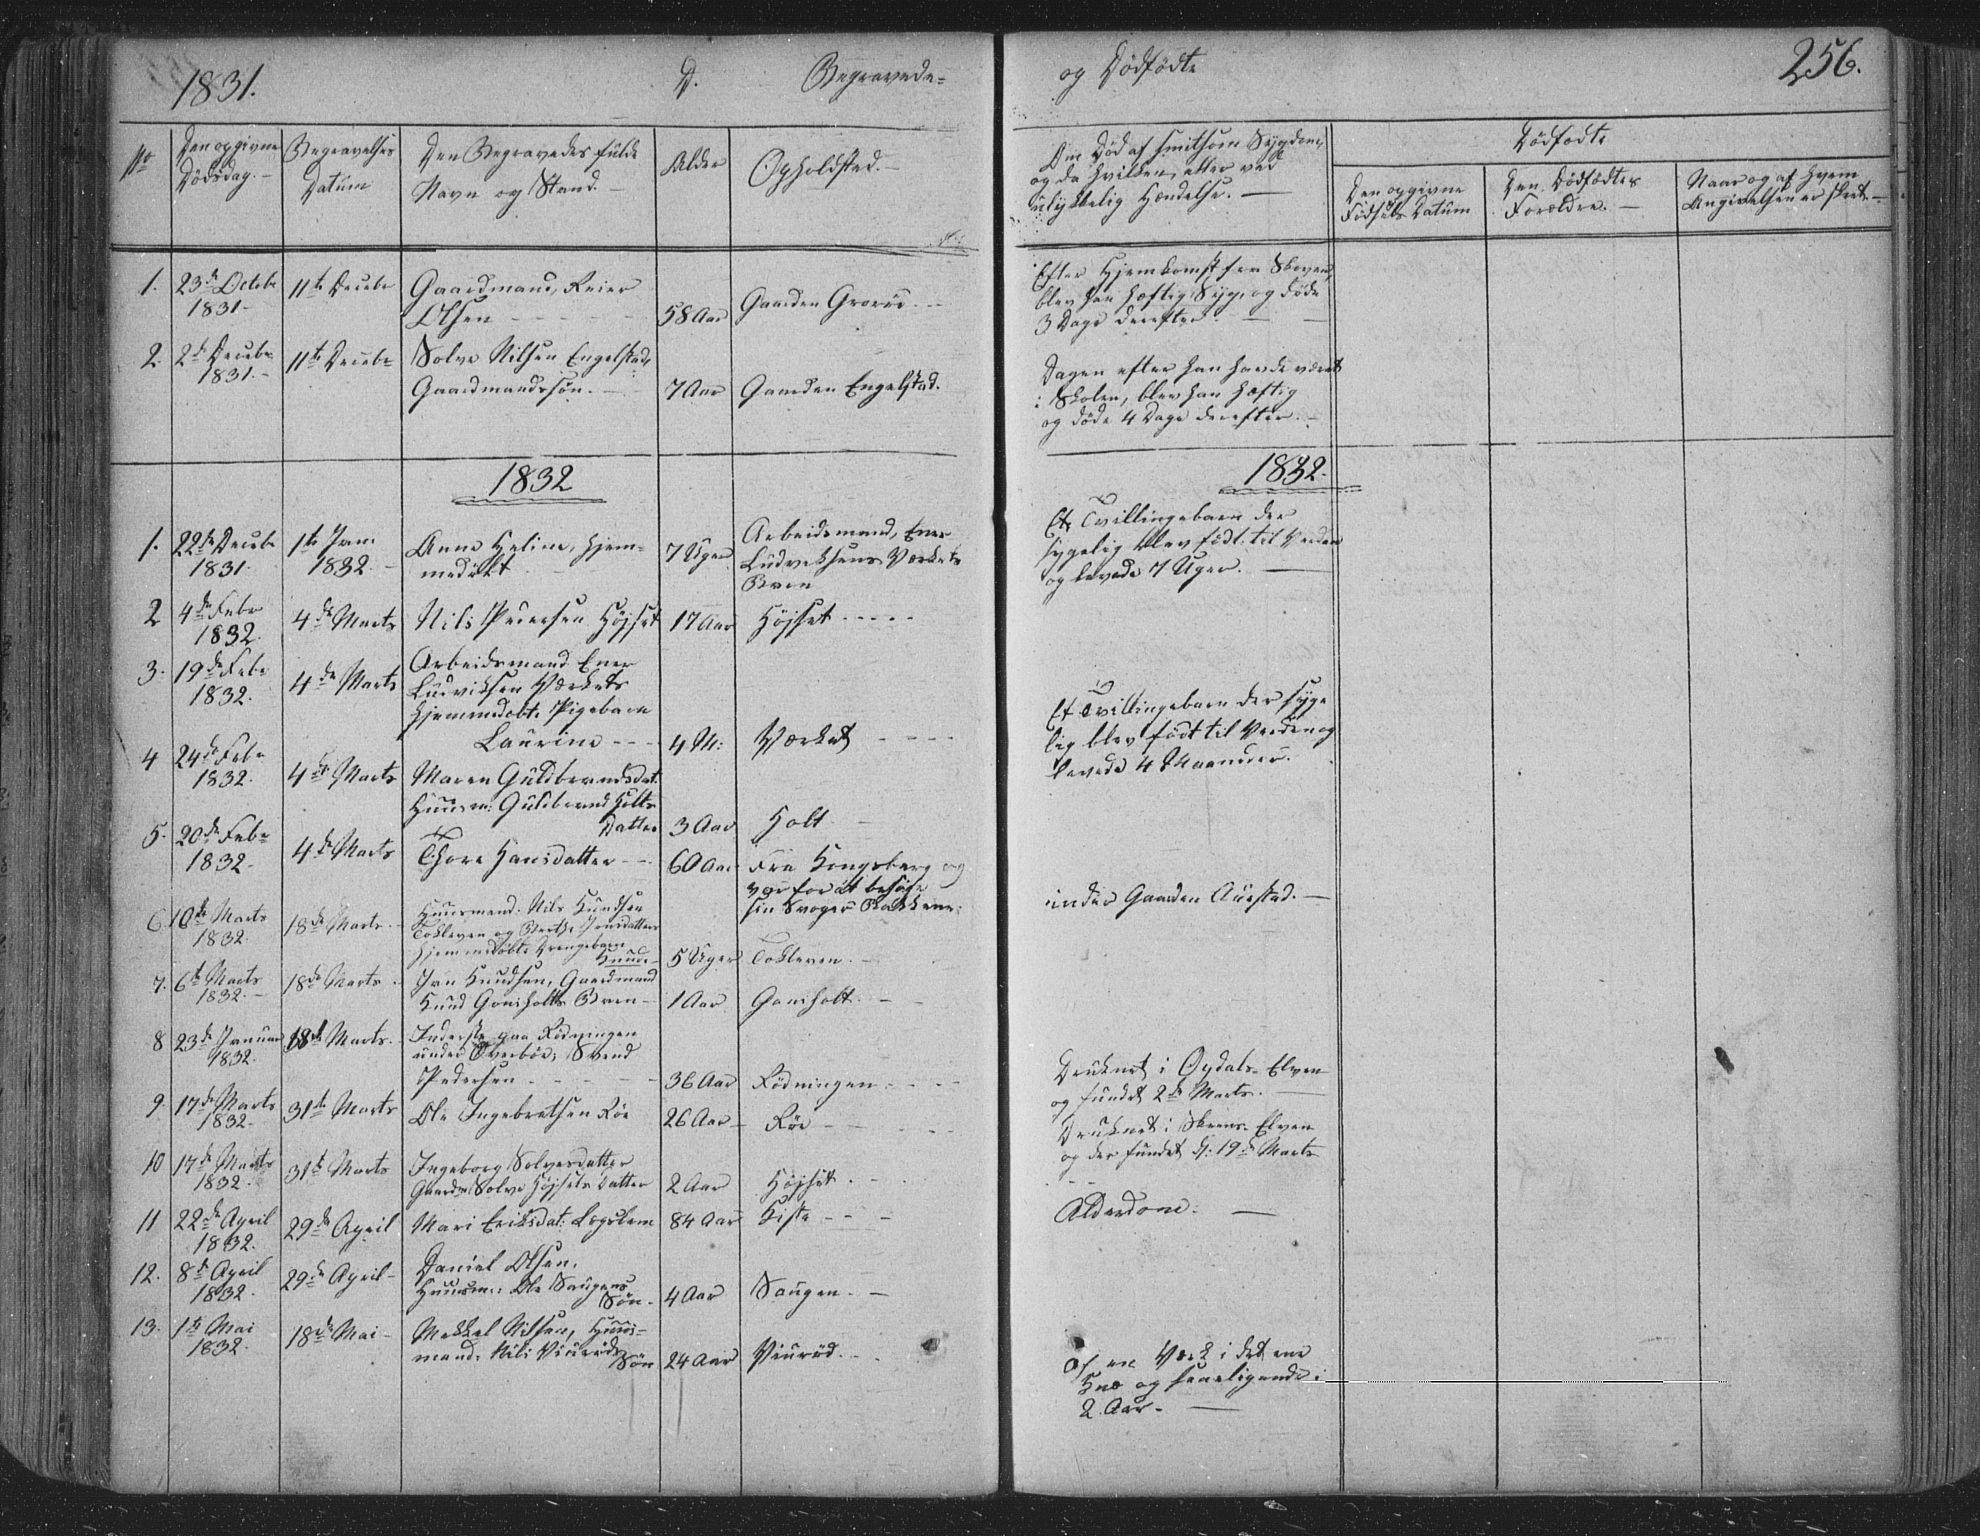 SAKO, Siljan kirkebøker, F/Fa/L0001: Ministerialbok nr. 1, 1831-1870, s. 256